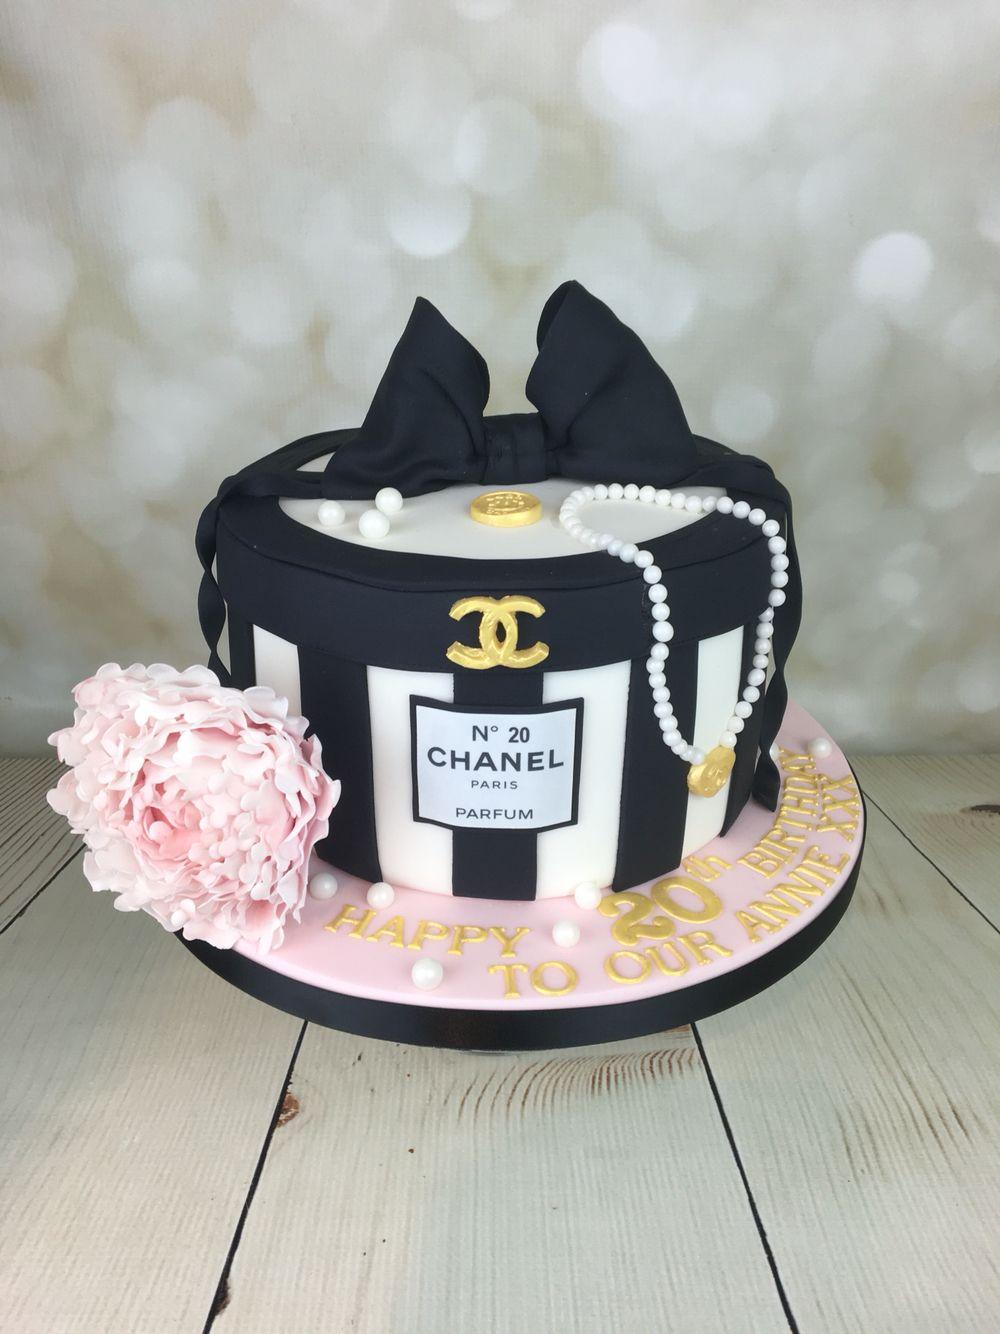 bc83042e4f Chanel hat box cake